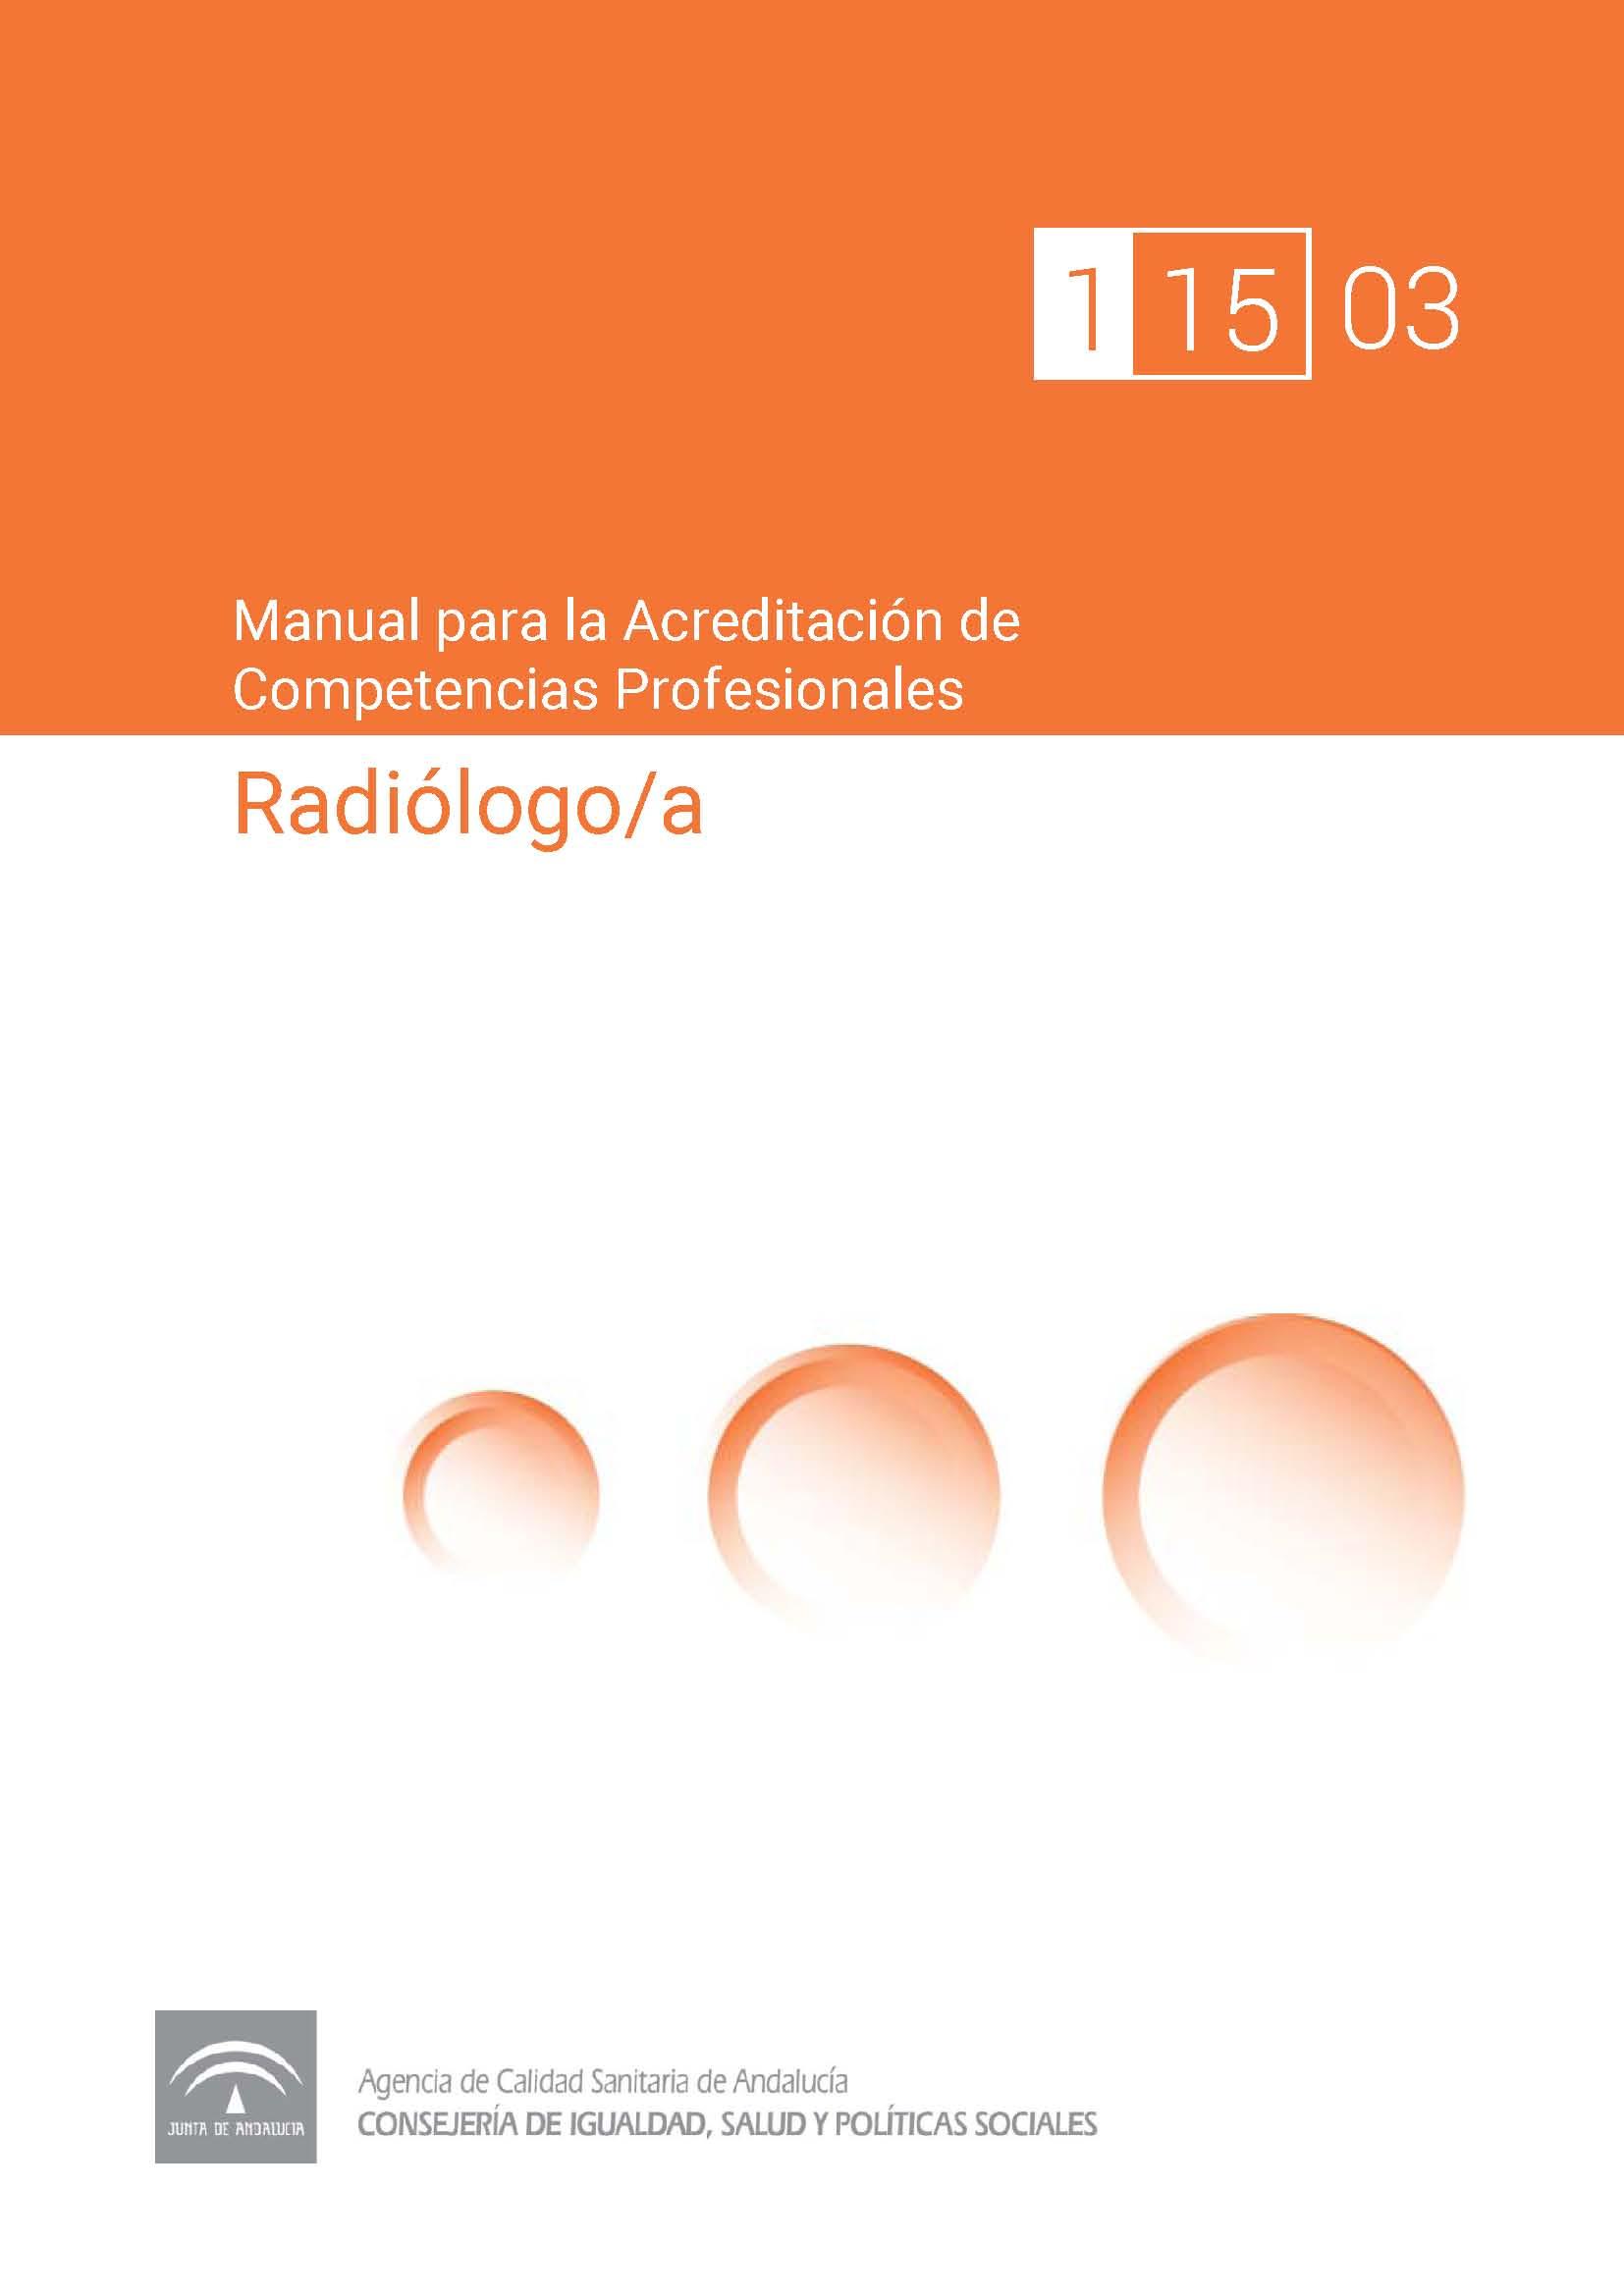 Manual de competencias profesionales del/de la Radiólogo/a